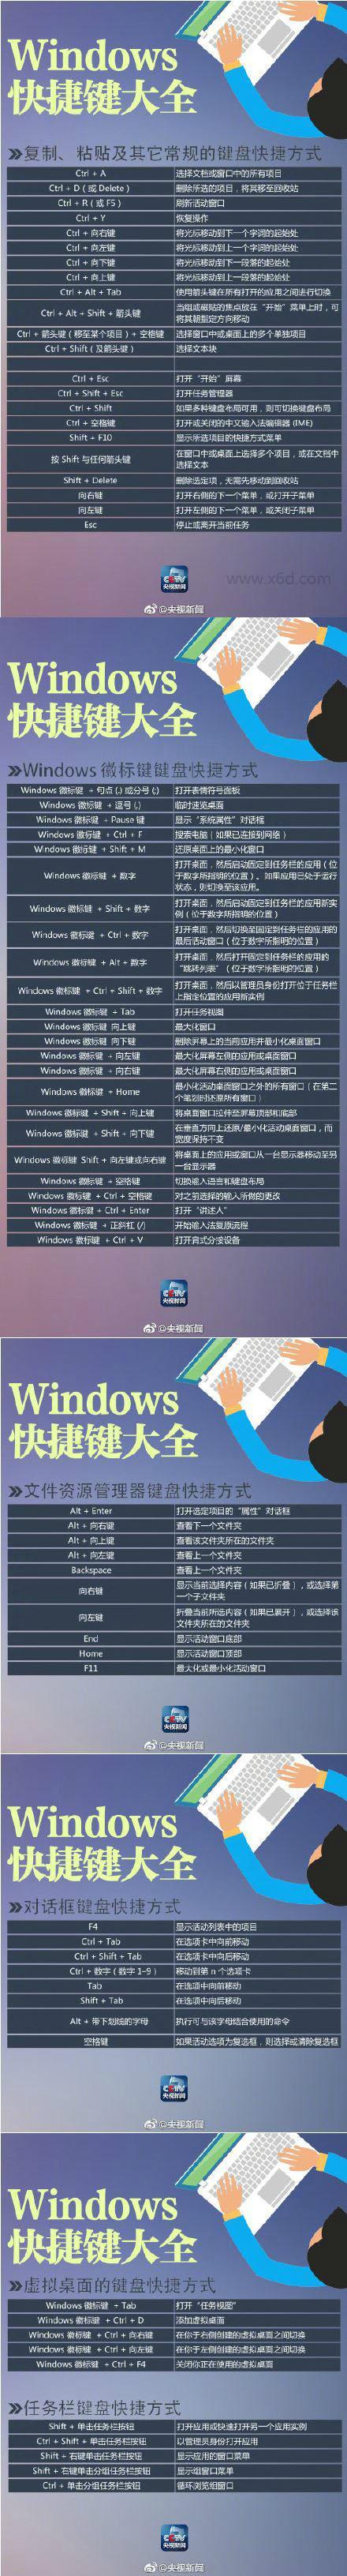 Windows快捷键图解